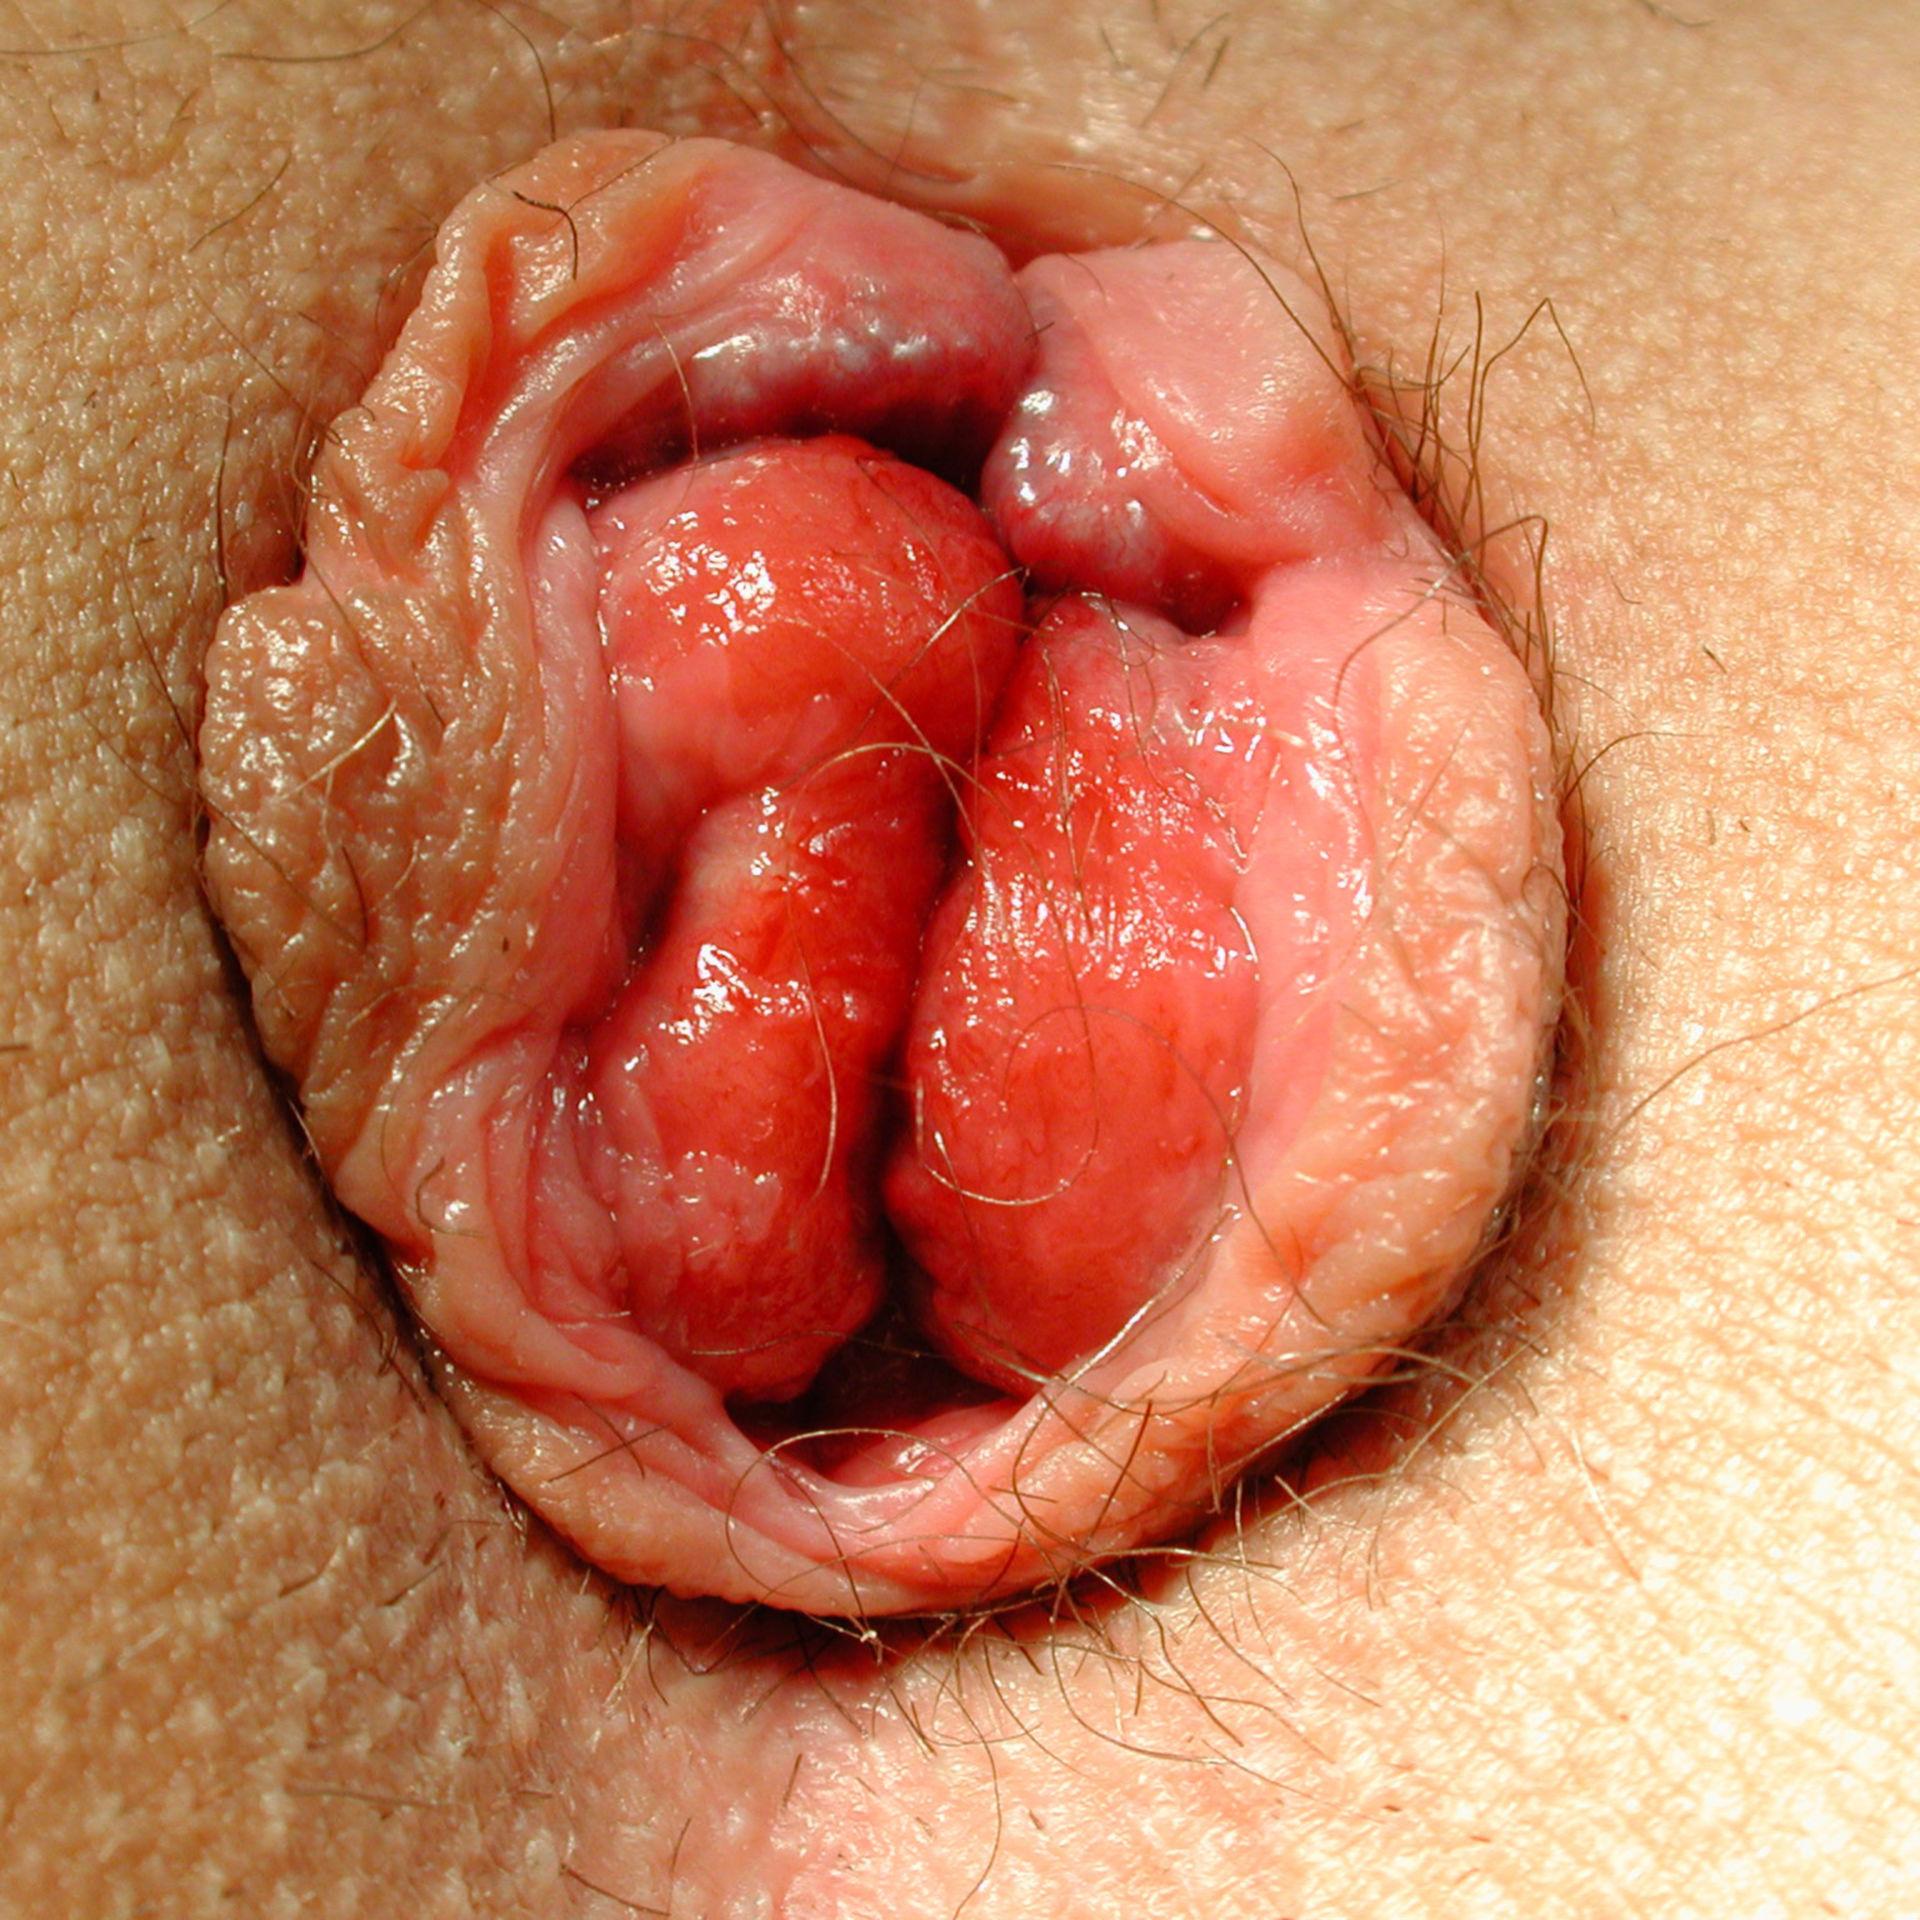 Hämorrhoidalprolaps